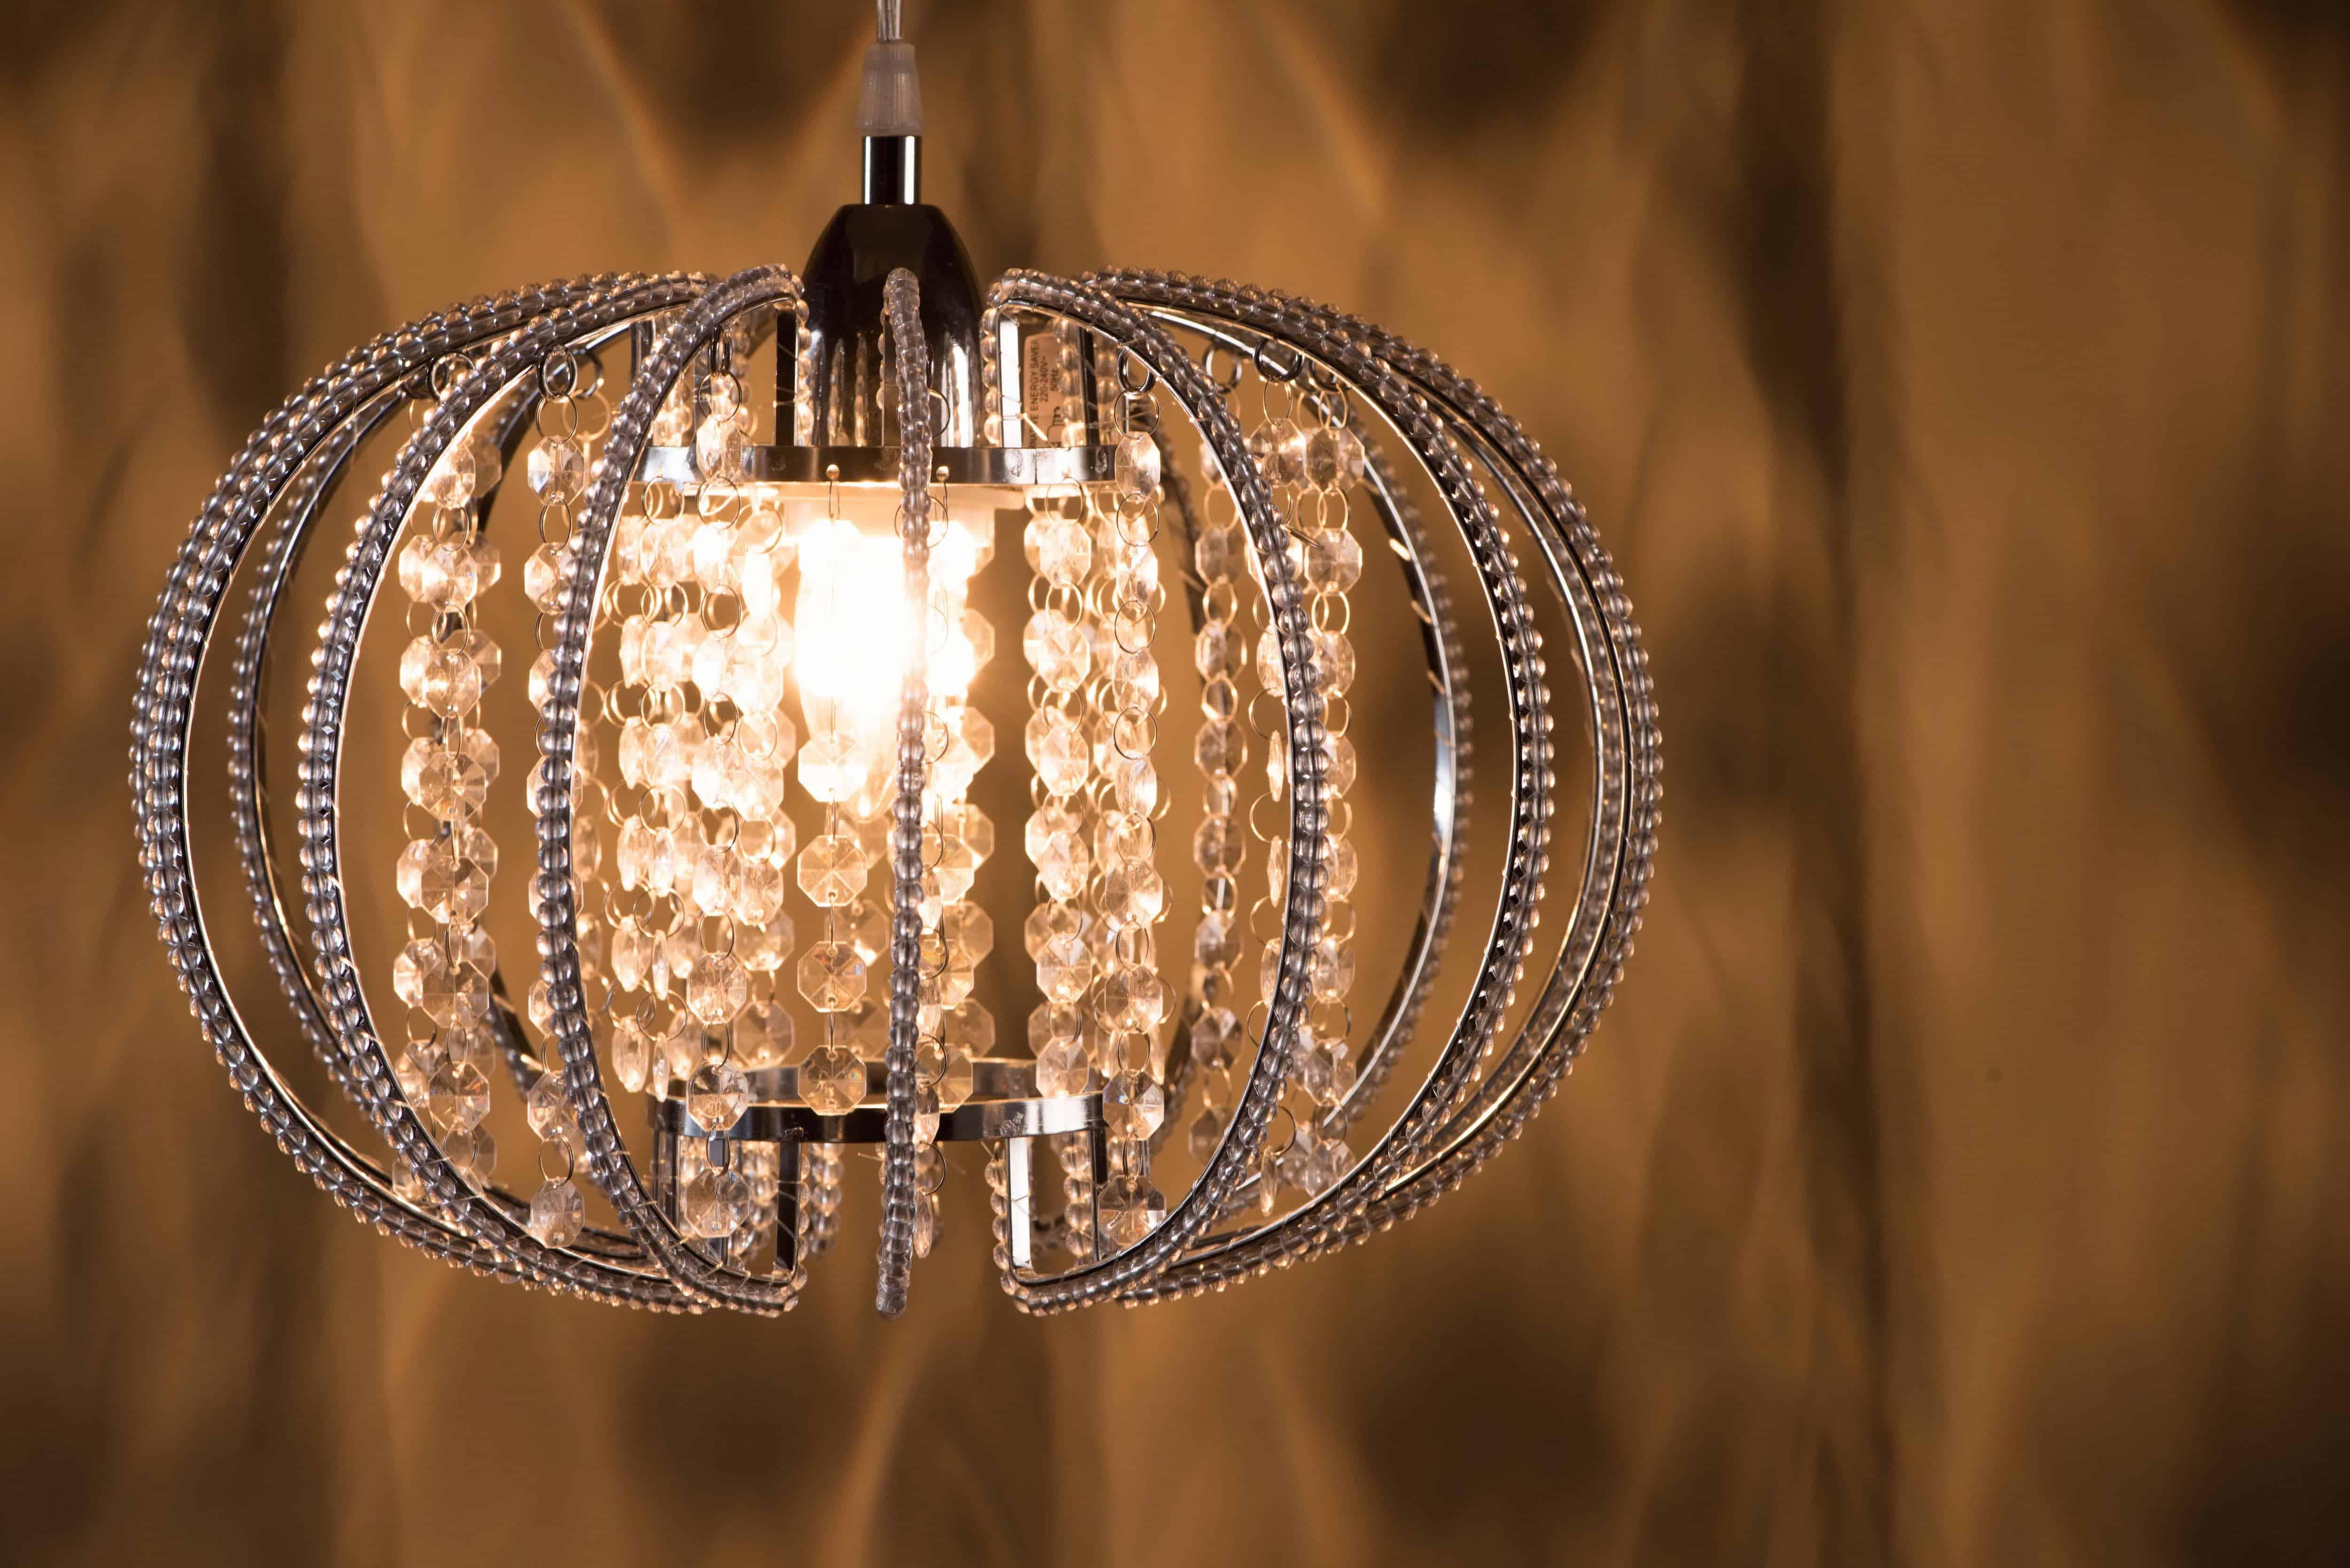 鍍鉻圓形透明壓克力珠吊燈-BNL00046 3